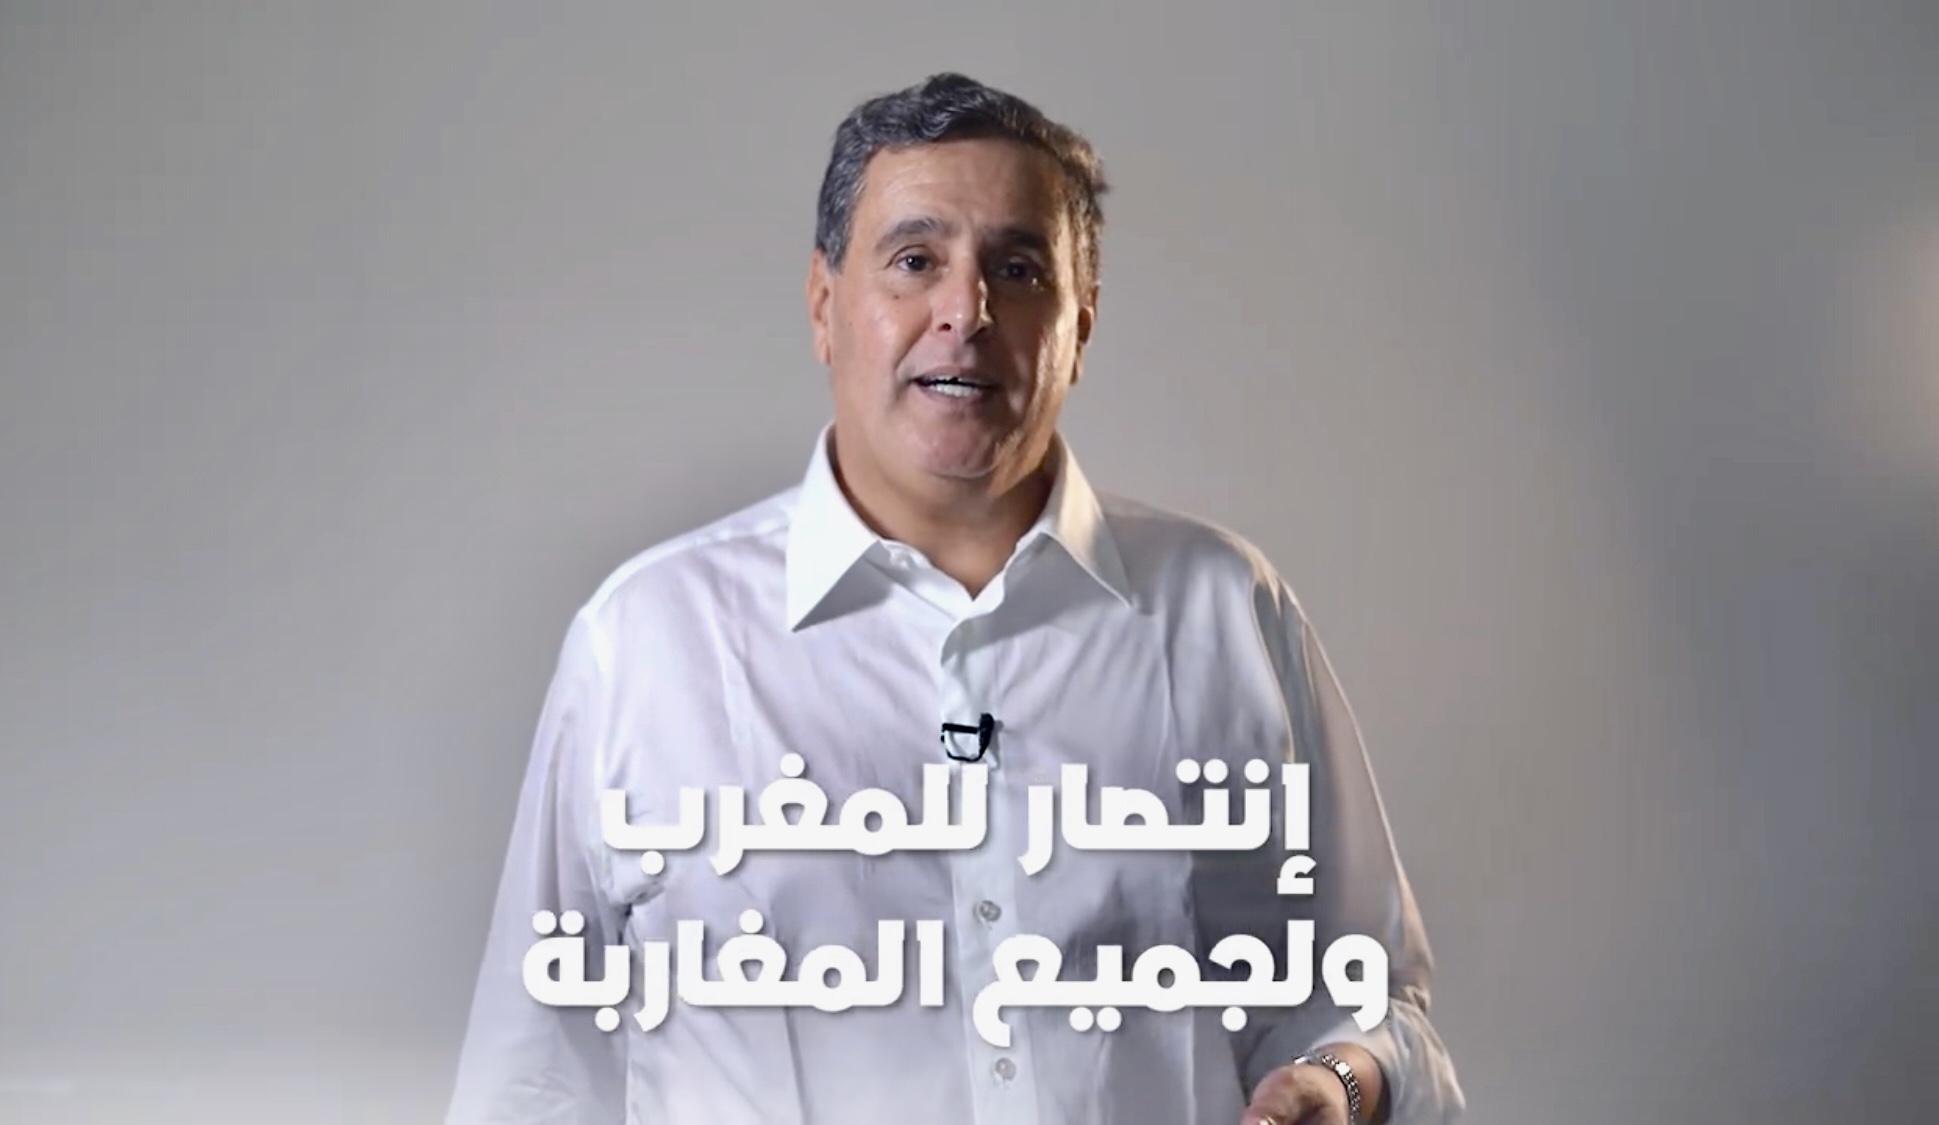 أخنوش: ترسيم الأمازيغية والكتابة بحرف تيفيناغ إنتصارٌ للمغرب ولجميع المغاربة